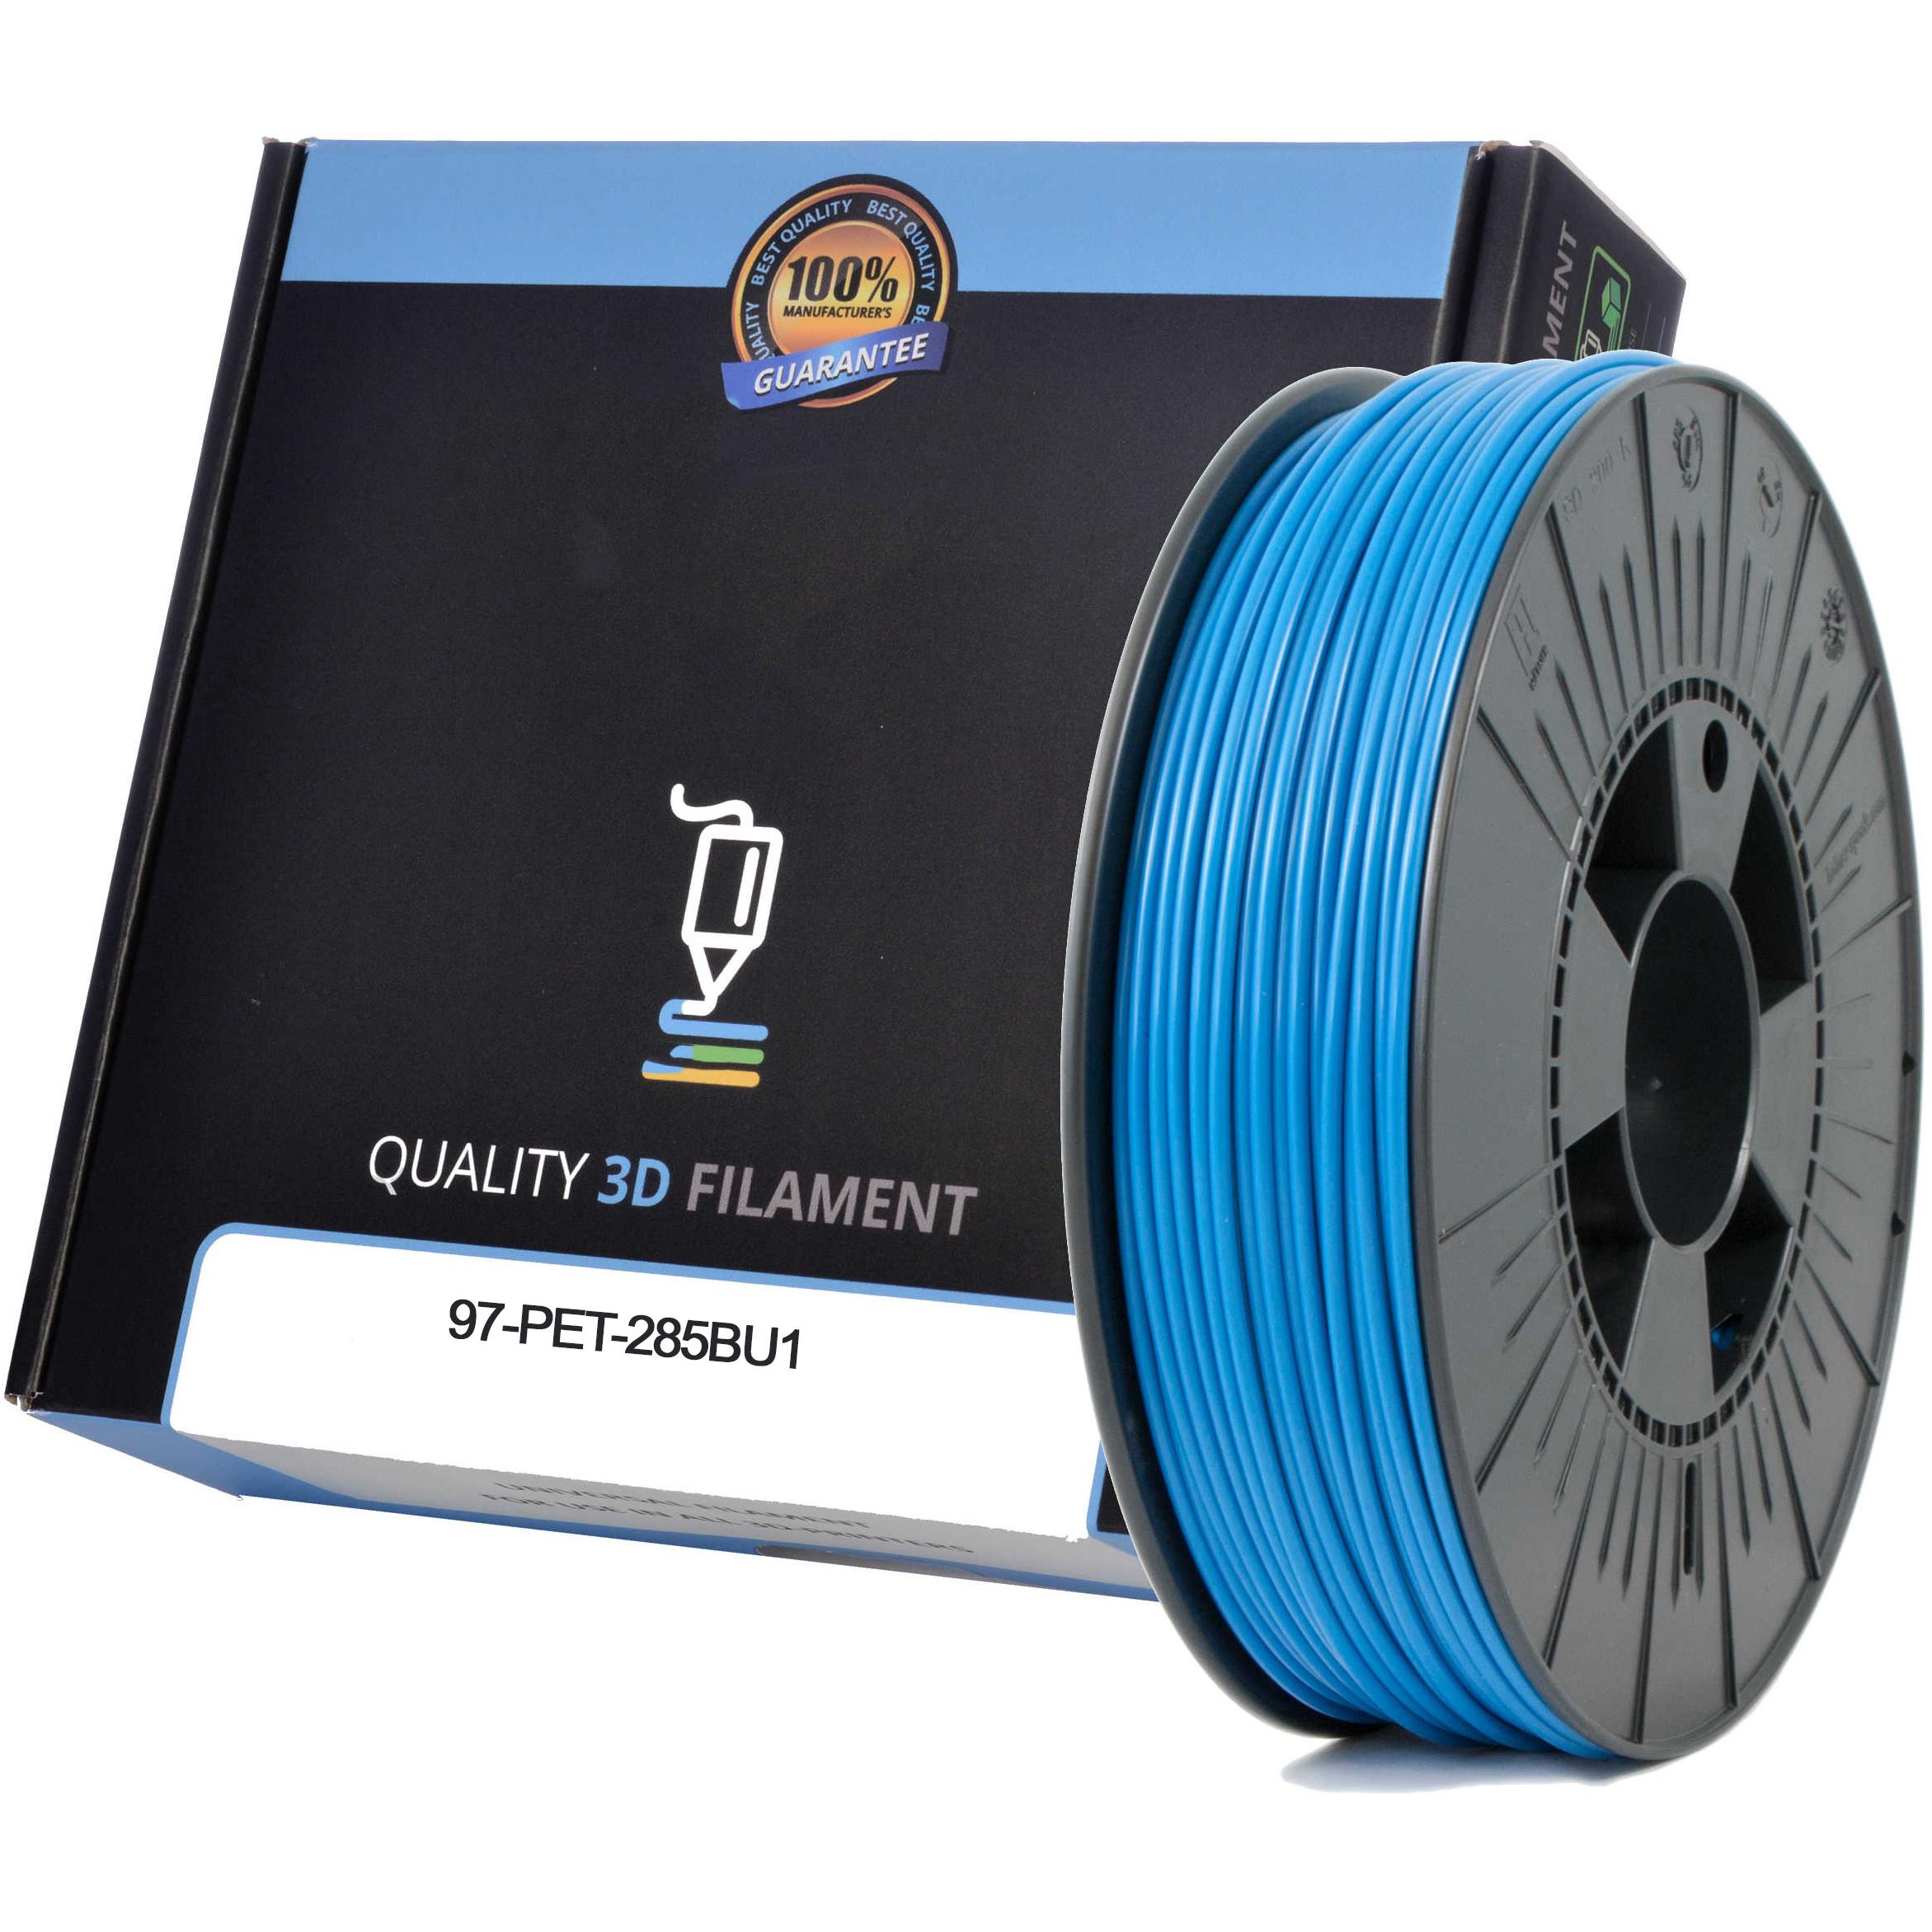 Premium Compatible PETG 2.85mm Sky Blue 1kg 3D Filament (97-PET-285BU1)